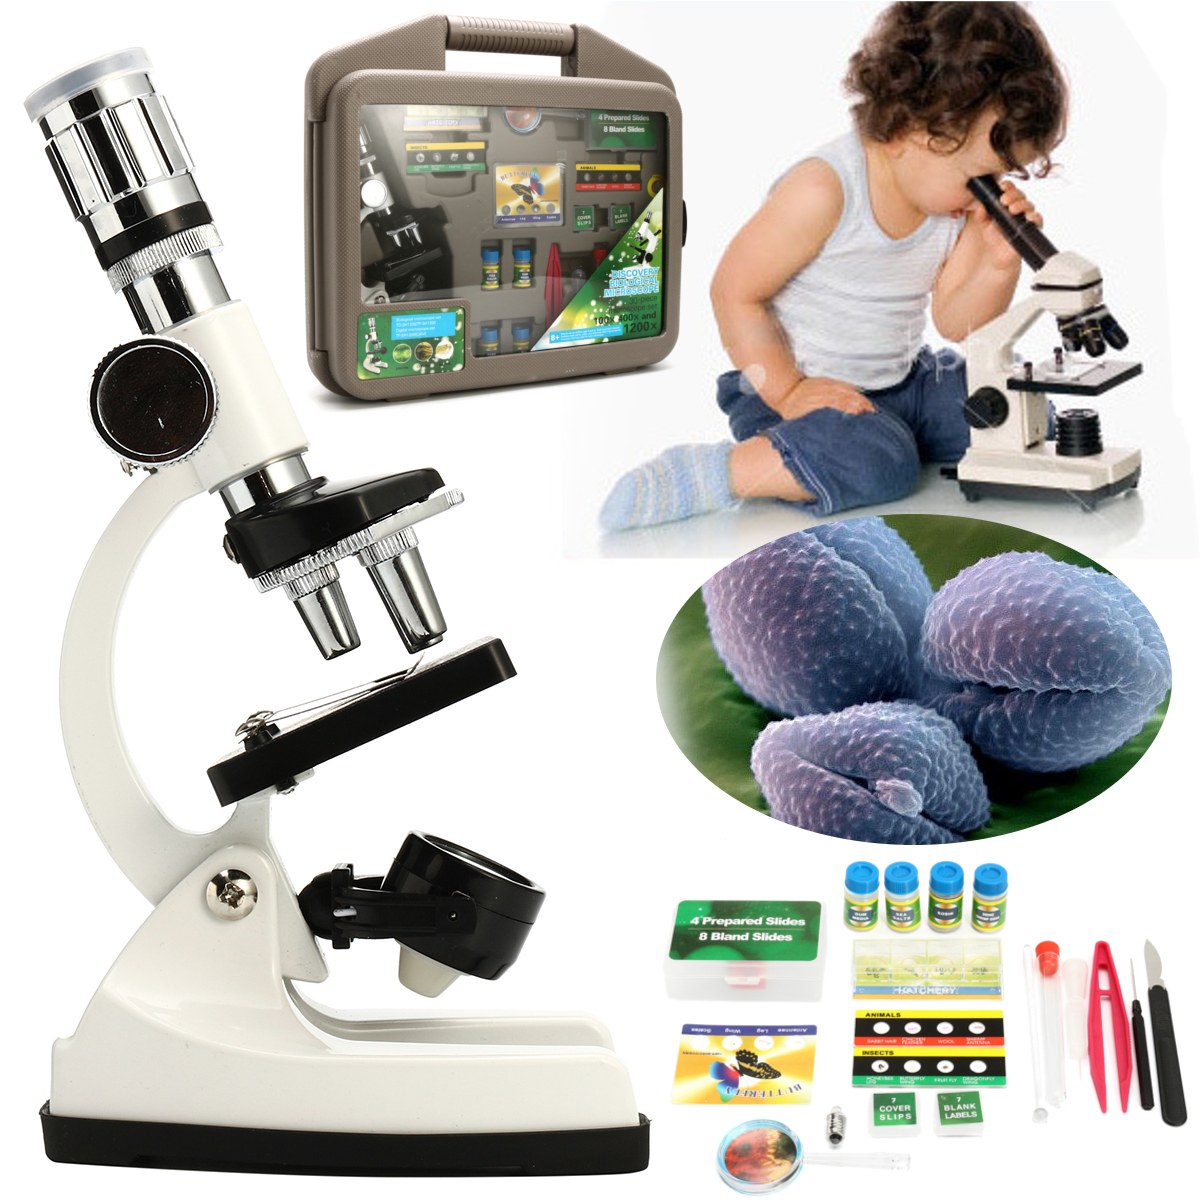 Enfants Avancée Microscope Biologique Découverte Science Outils Ensemble 50X-1200X Enfants École À La Maison Laboratoire D'apprentissage des Jouets Éducatifs Kit